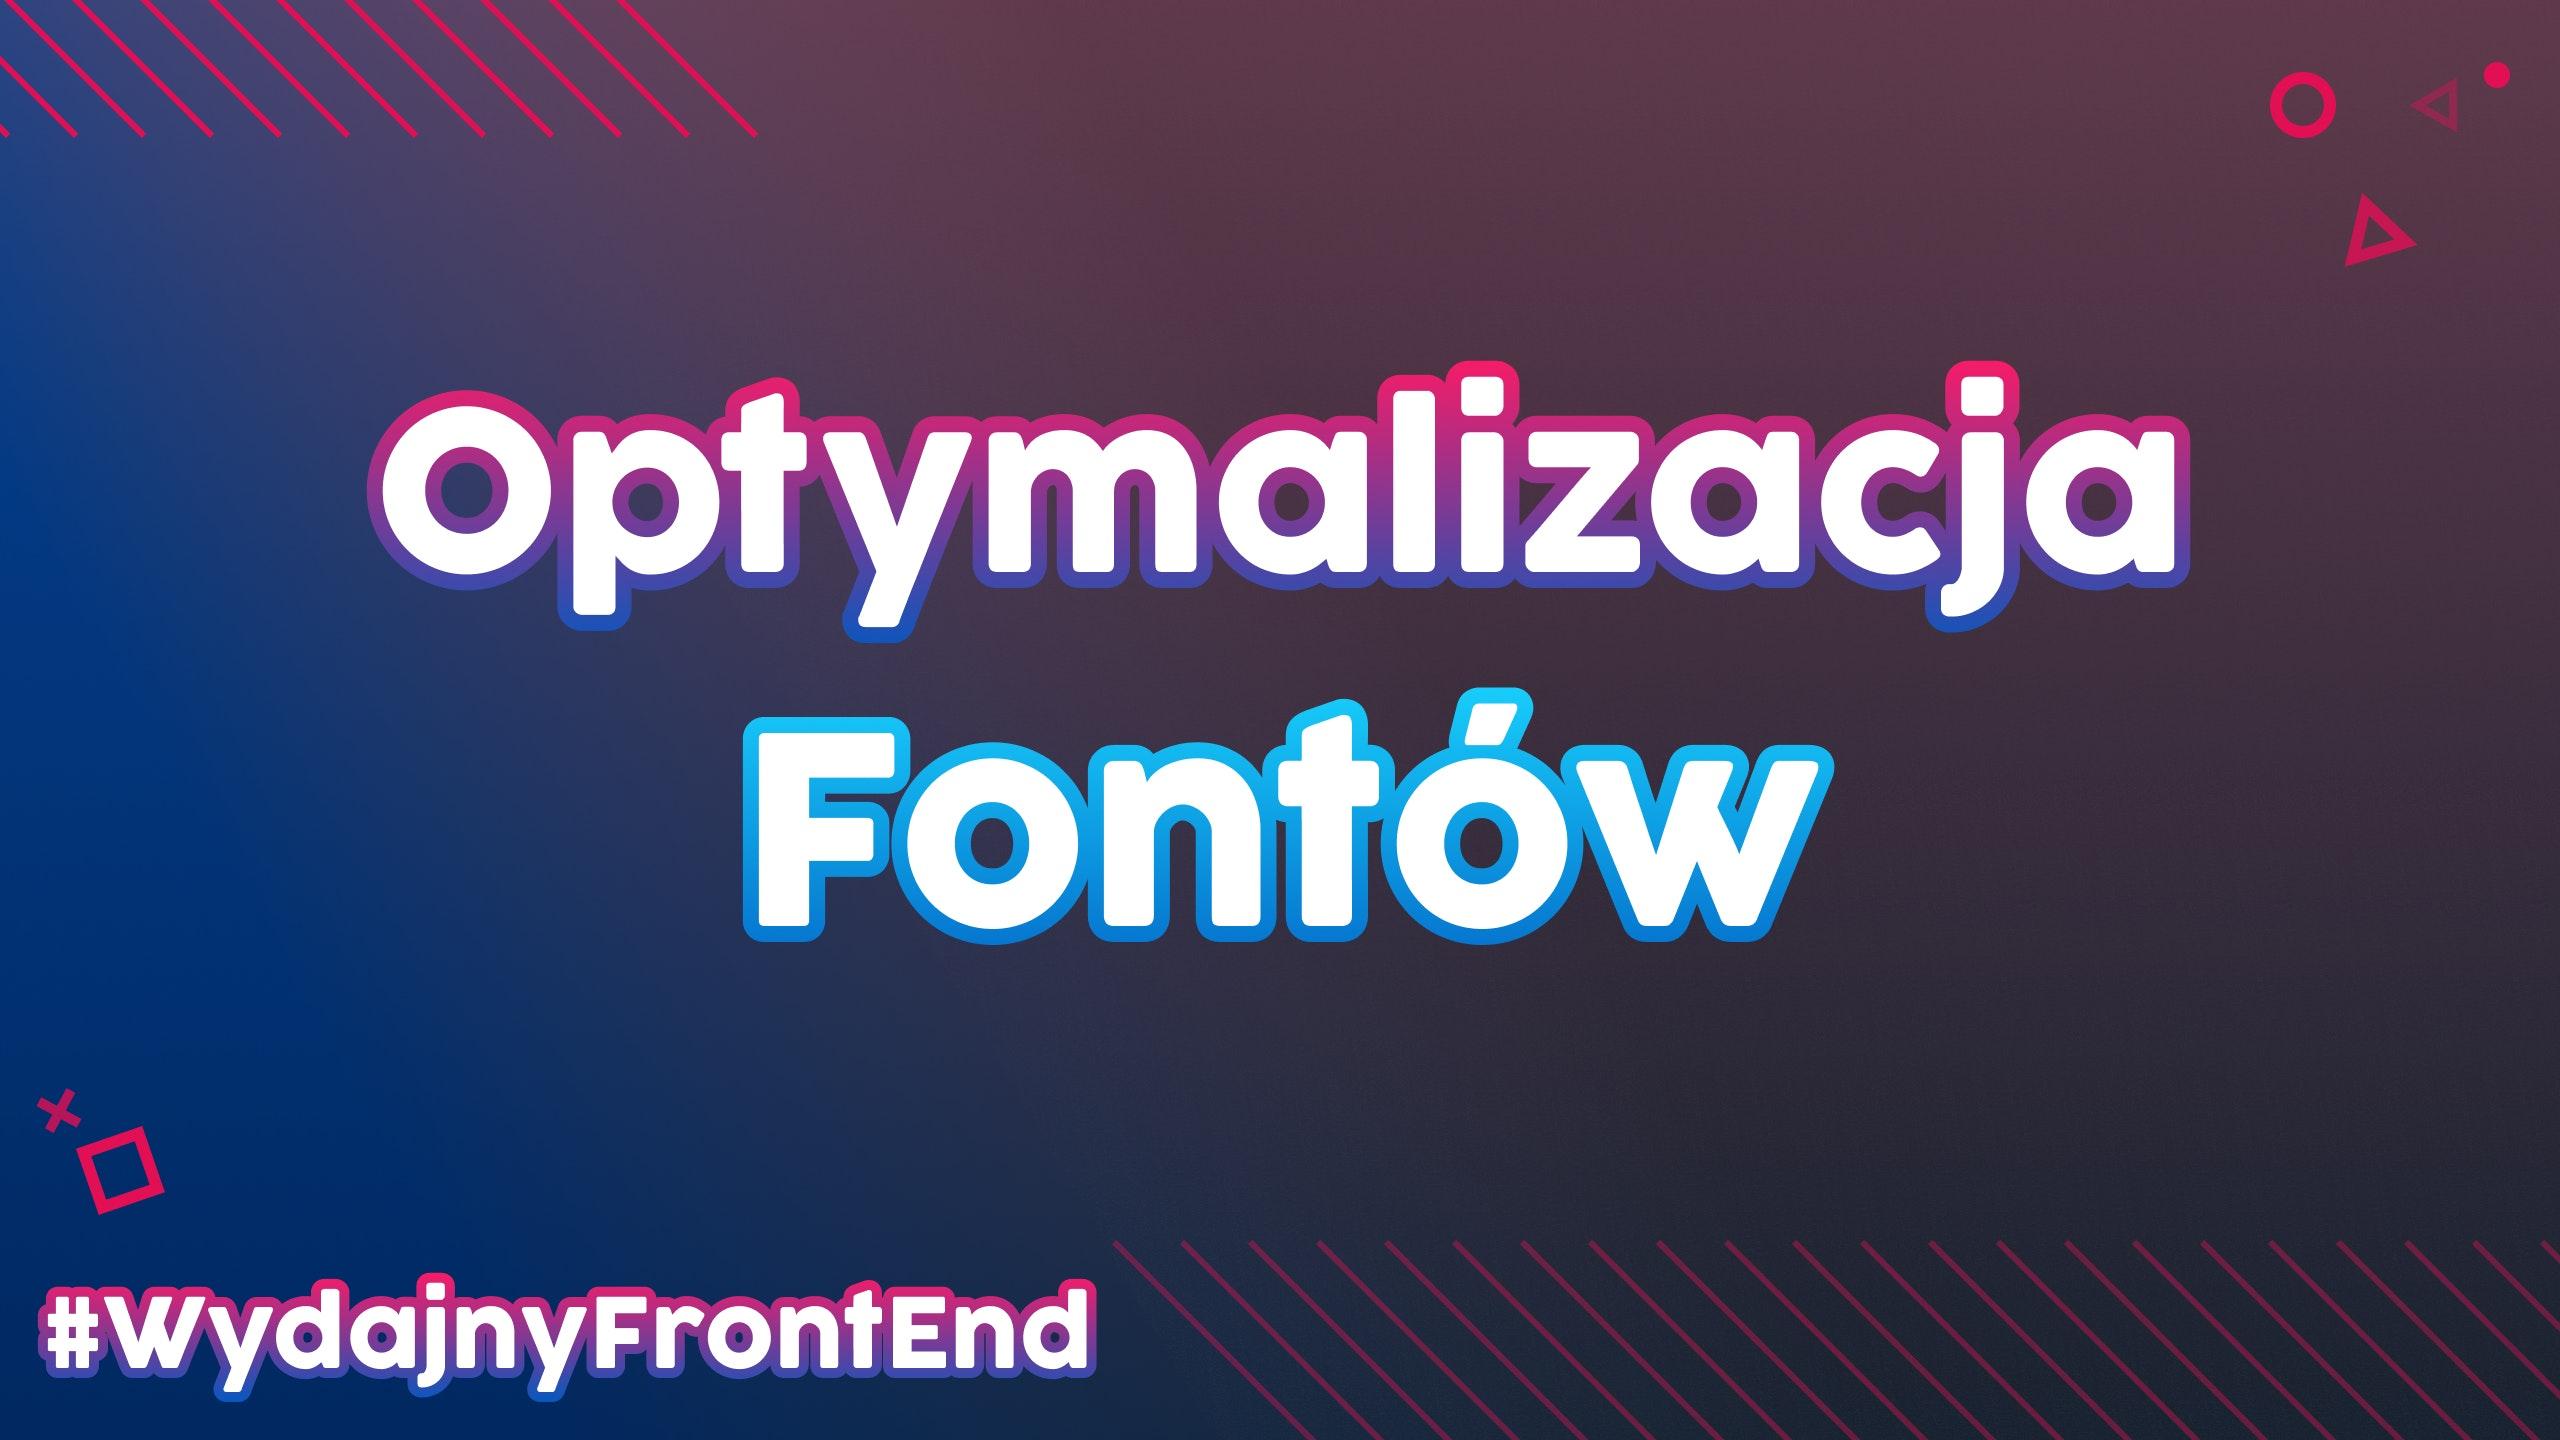 Wydajny frontend - optymalizacja fontów